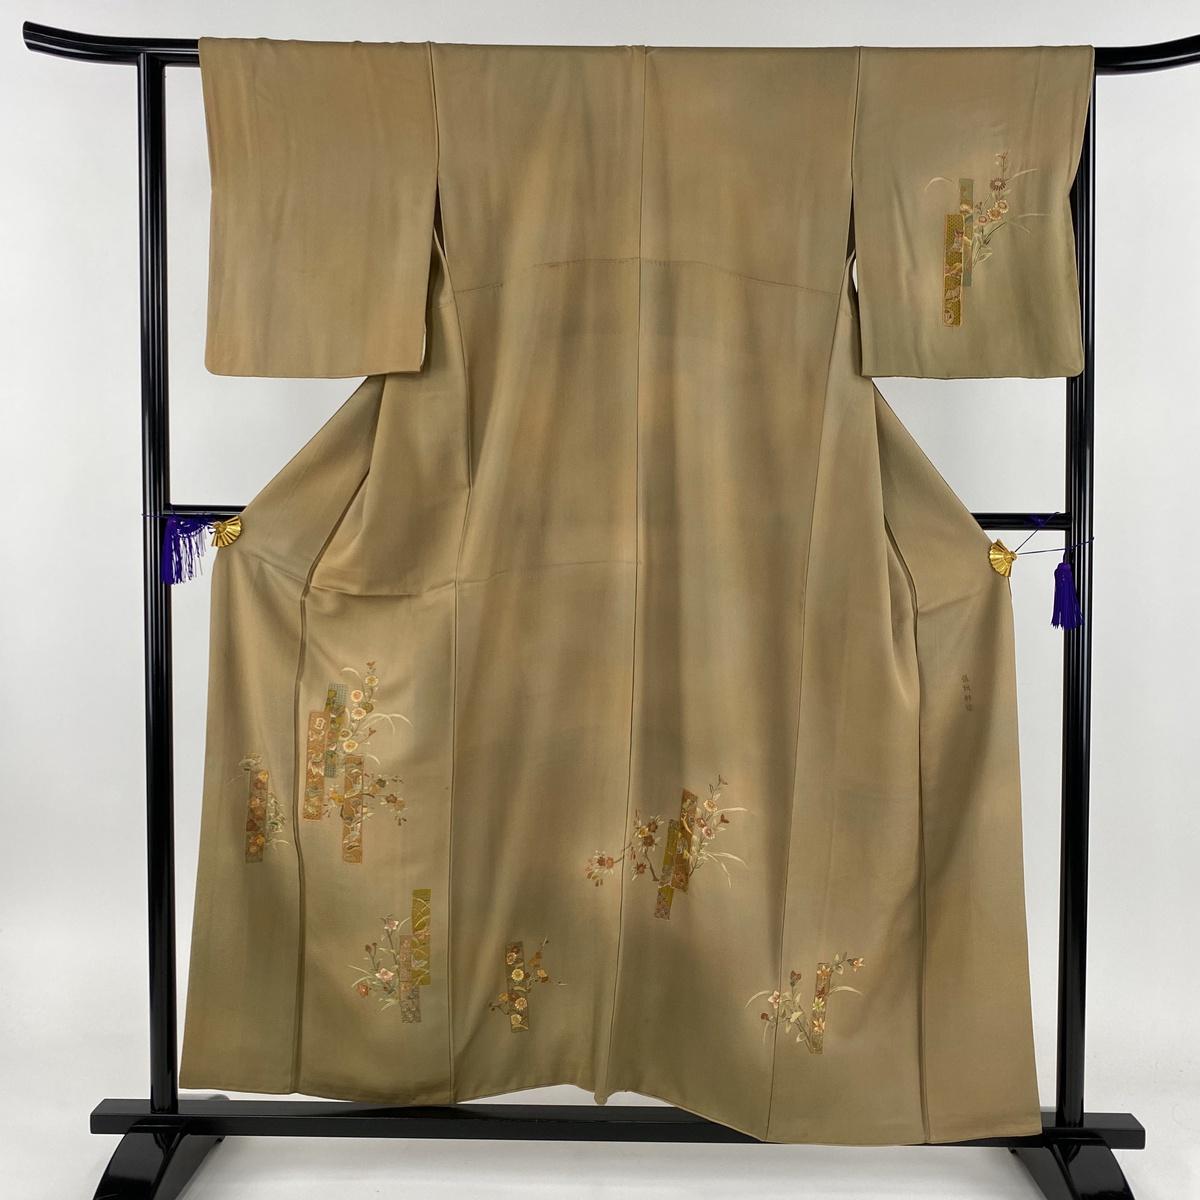 訪問着 名品 短冊 草花 蘇州刺繍 薄茶色 袷 身丈155cm 裄丈62.5cm S 正絹 【中古】